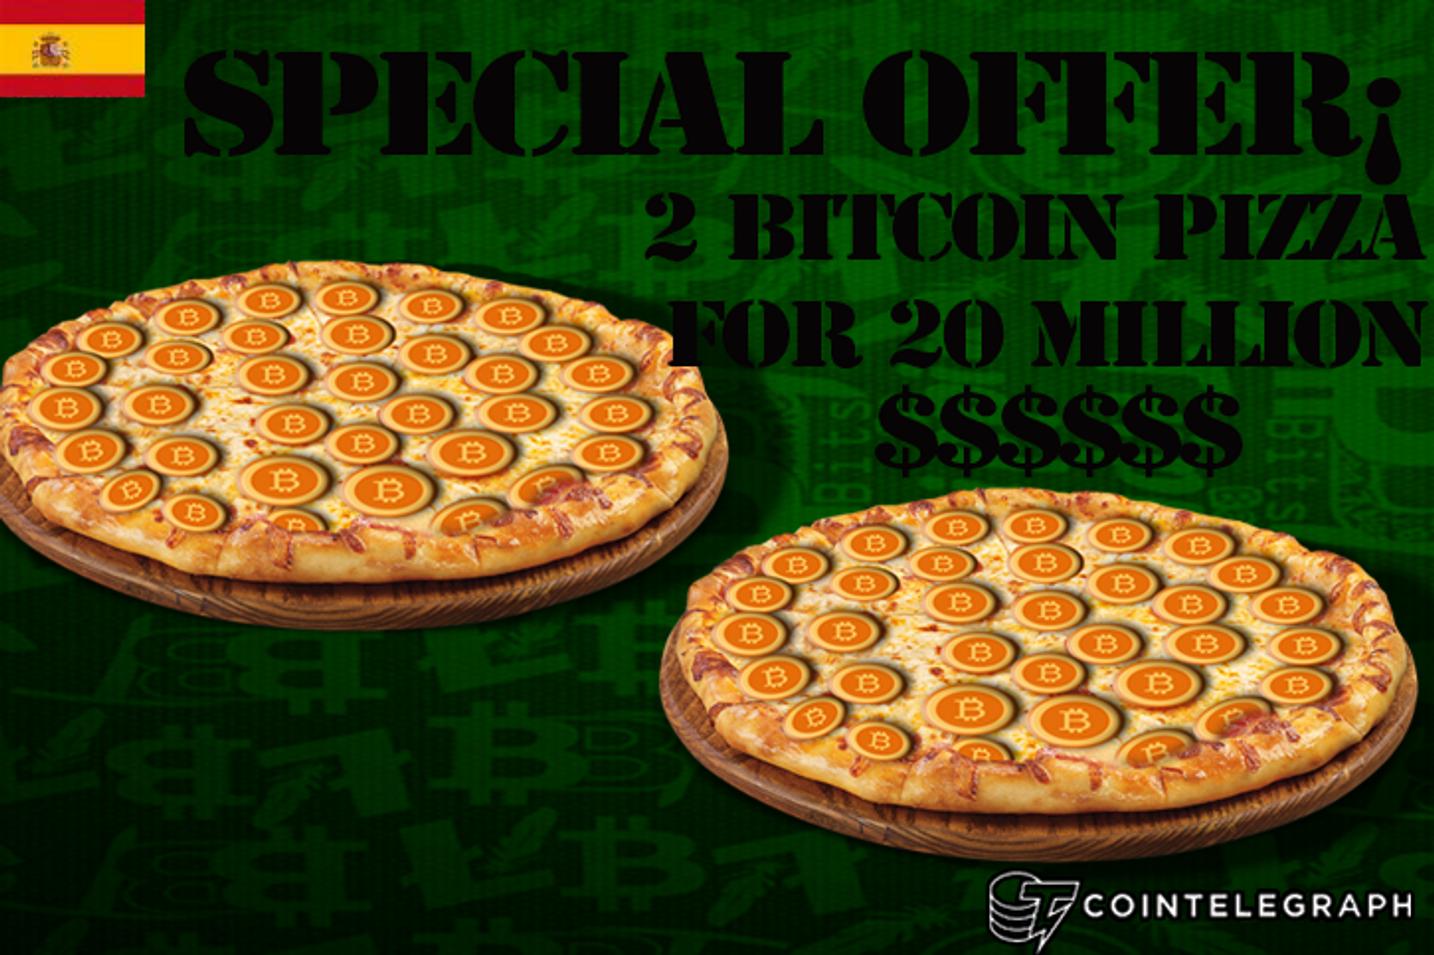 22 de mayo, el bitcoin pizza day